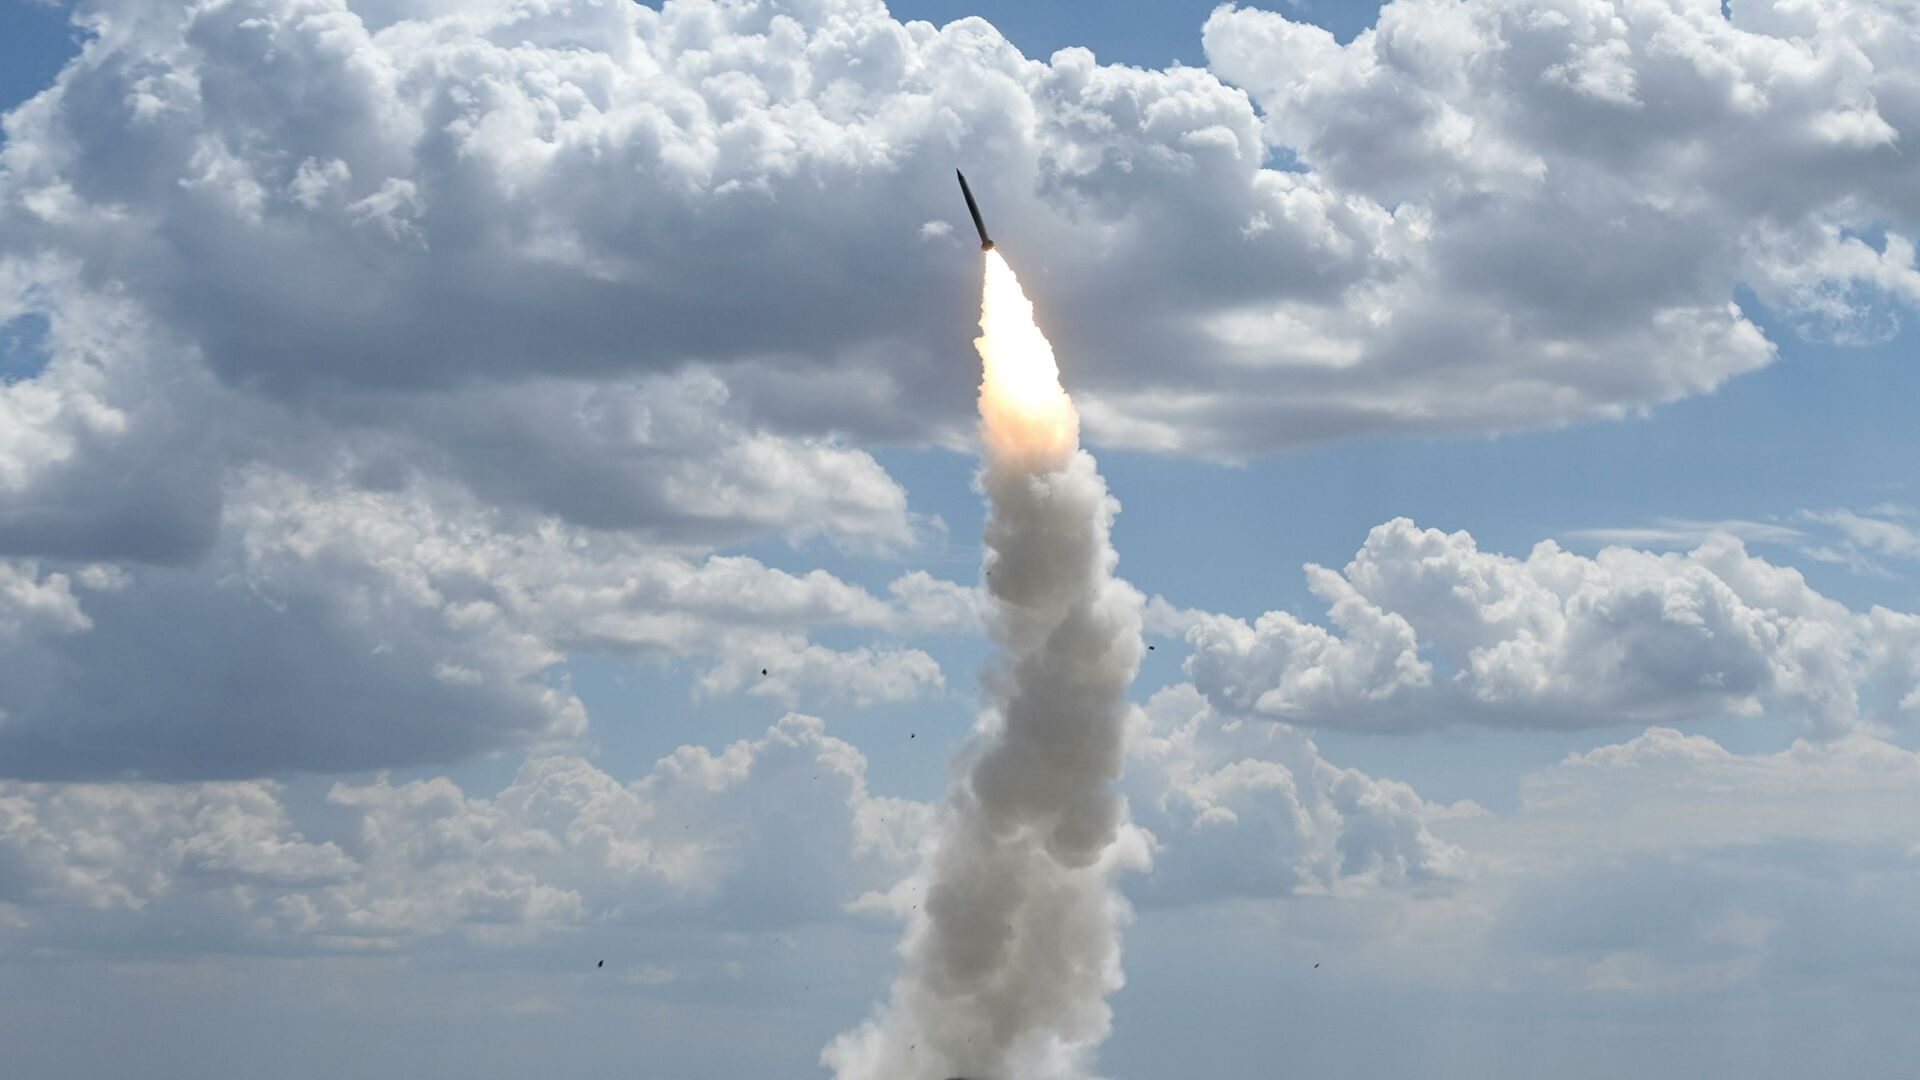 U Rusiji završena ispitivanja sistema za rano upozoravanje na raketni napad